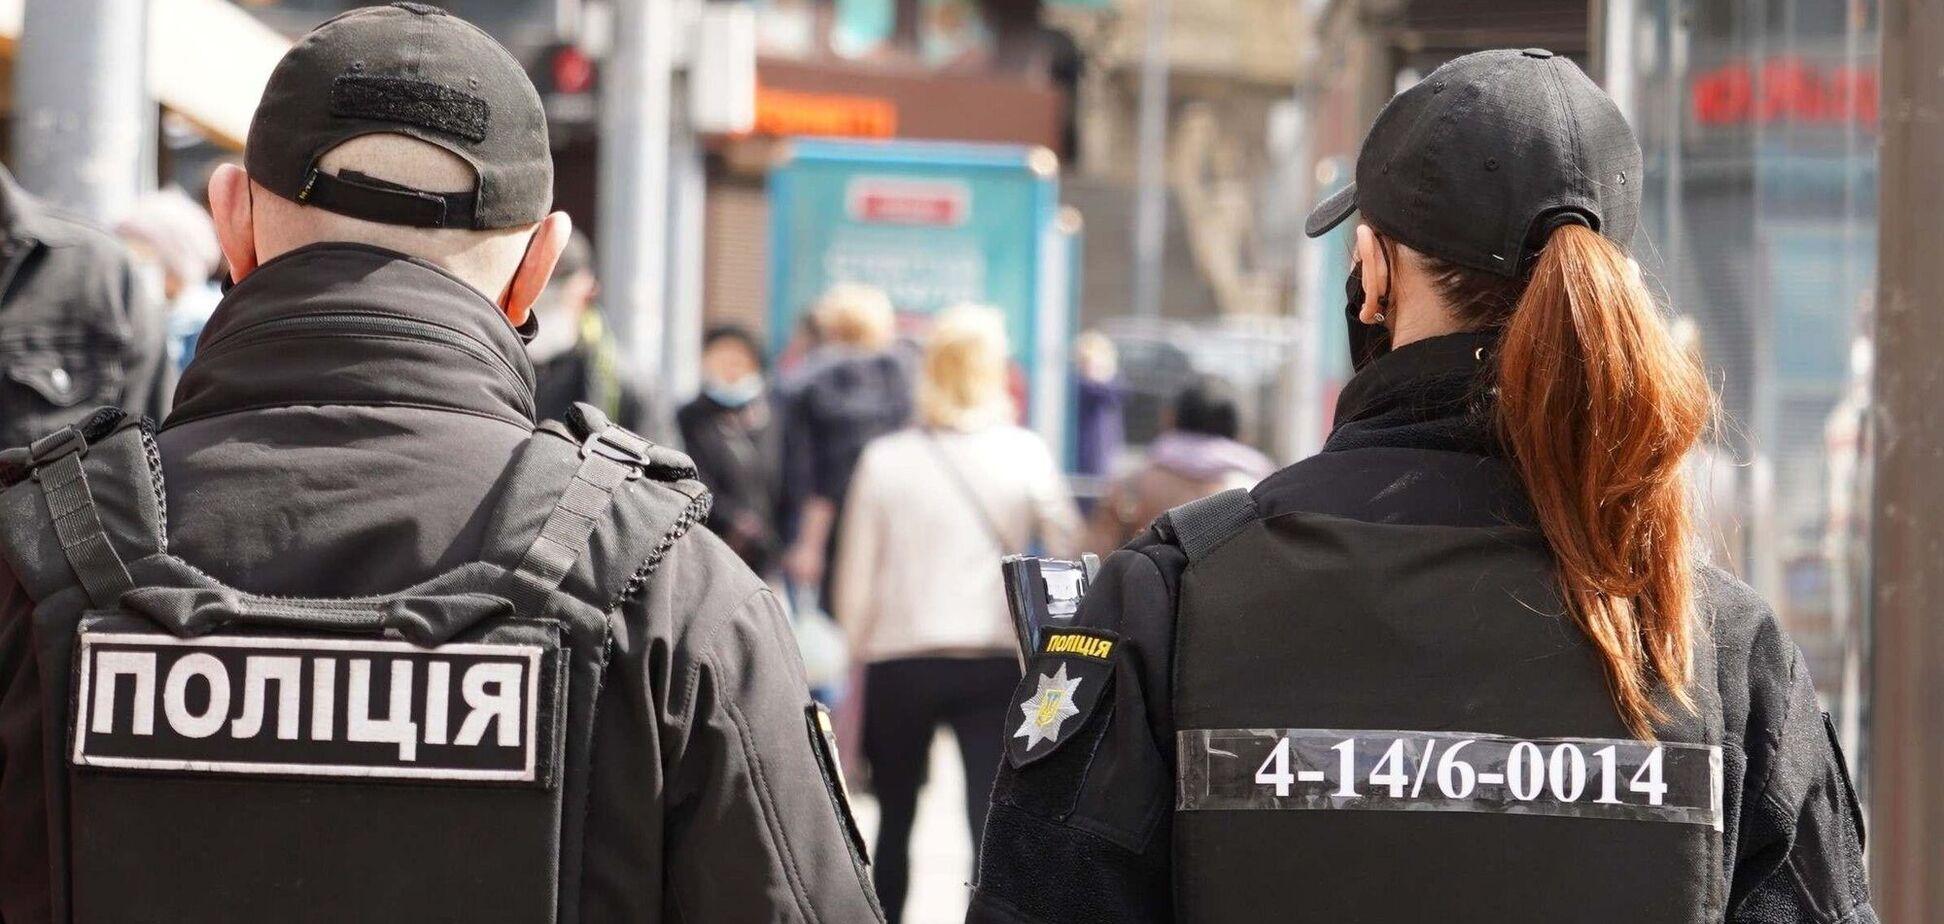 Полиция проведет рейды на выходных